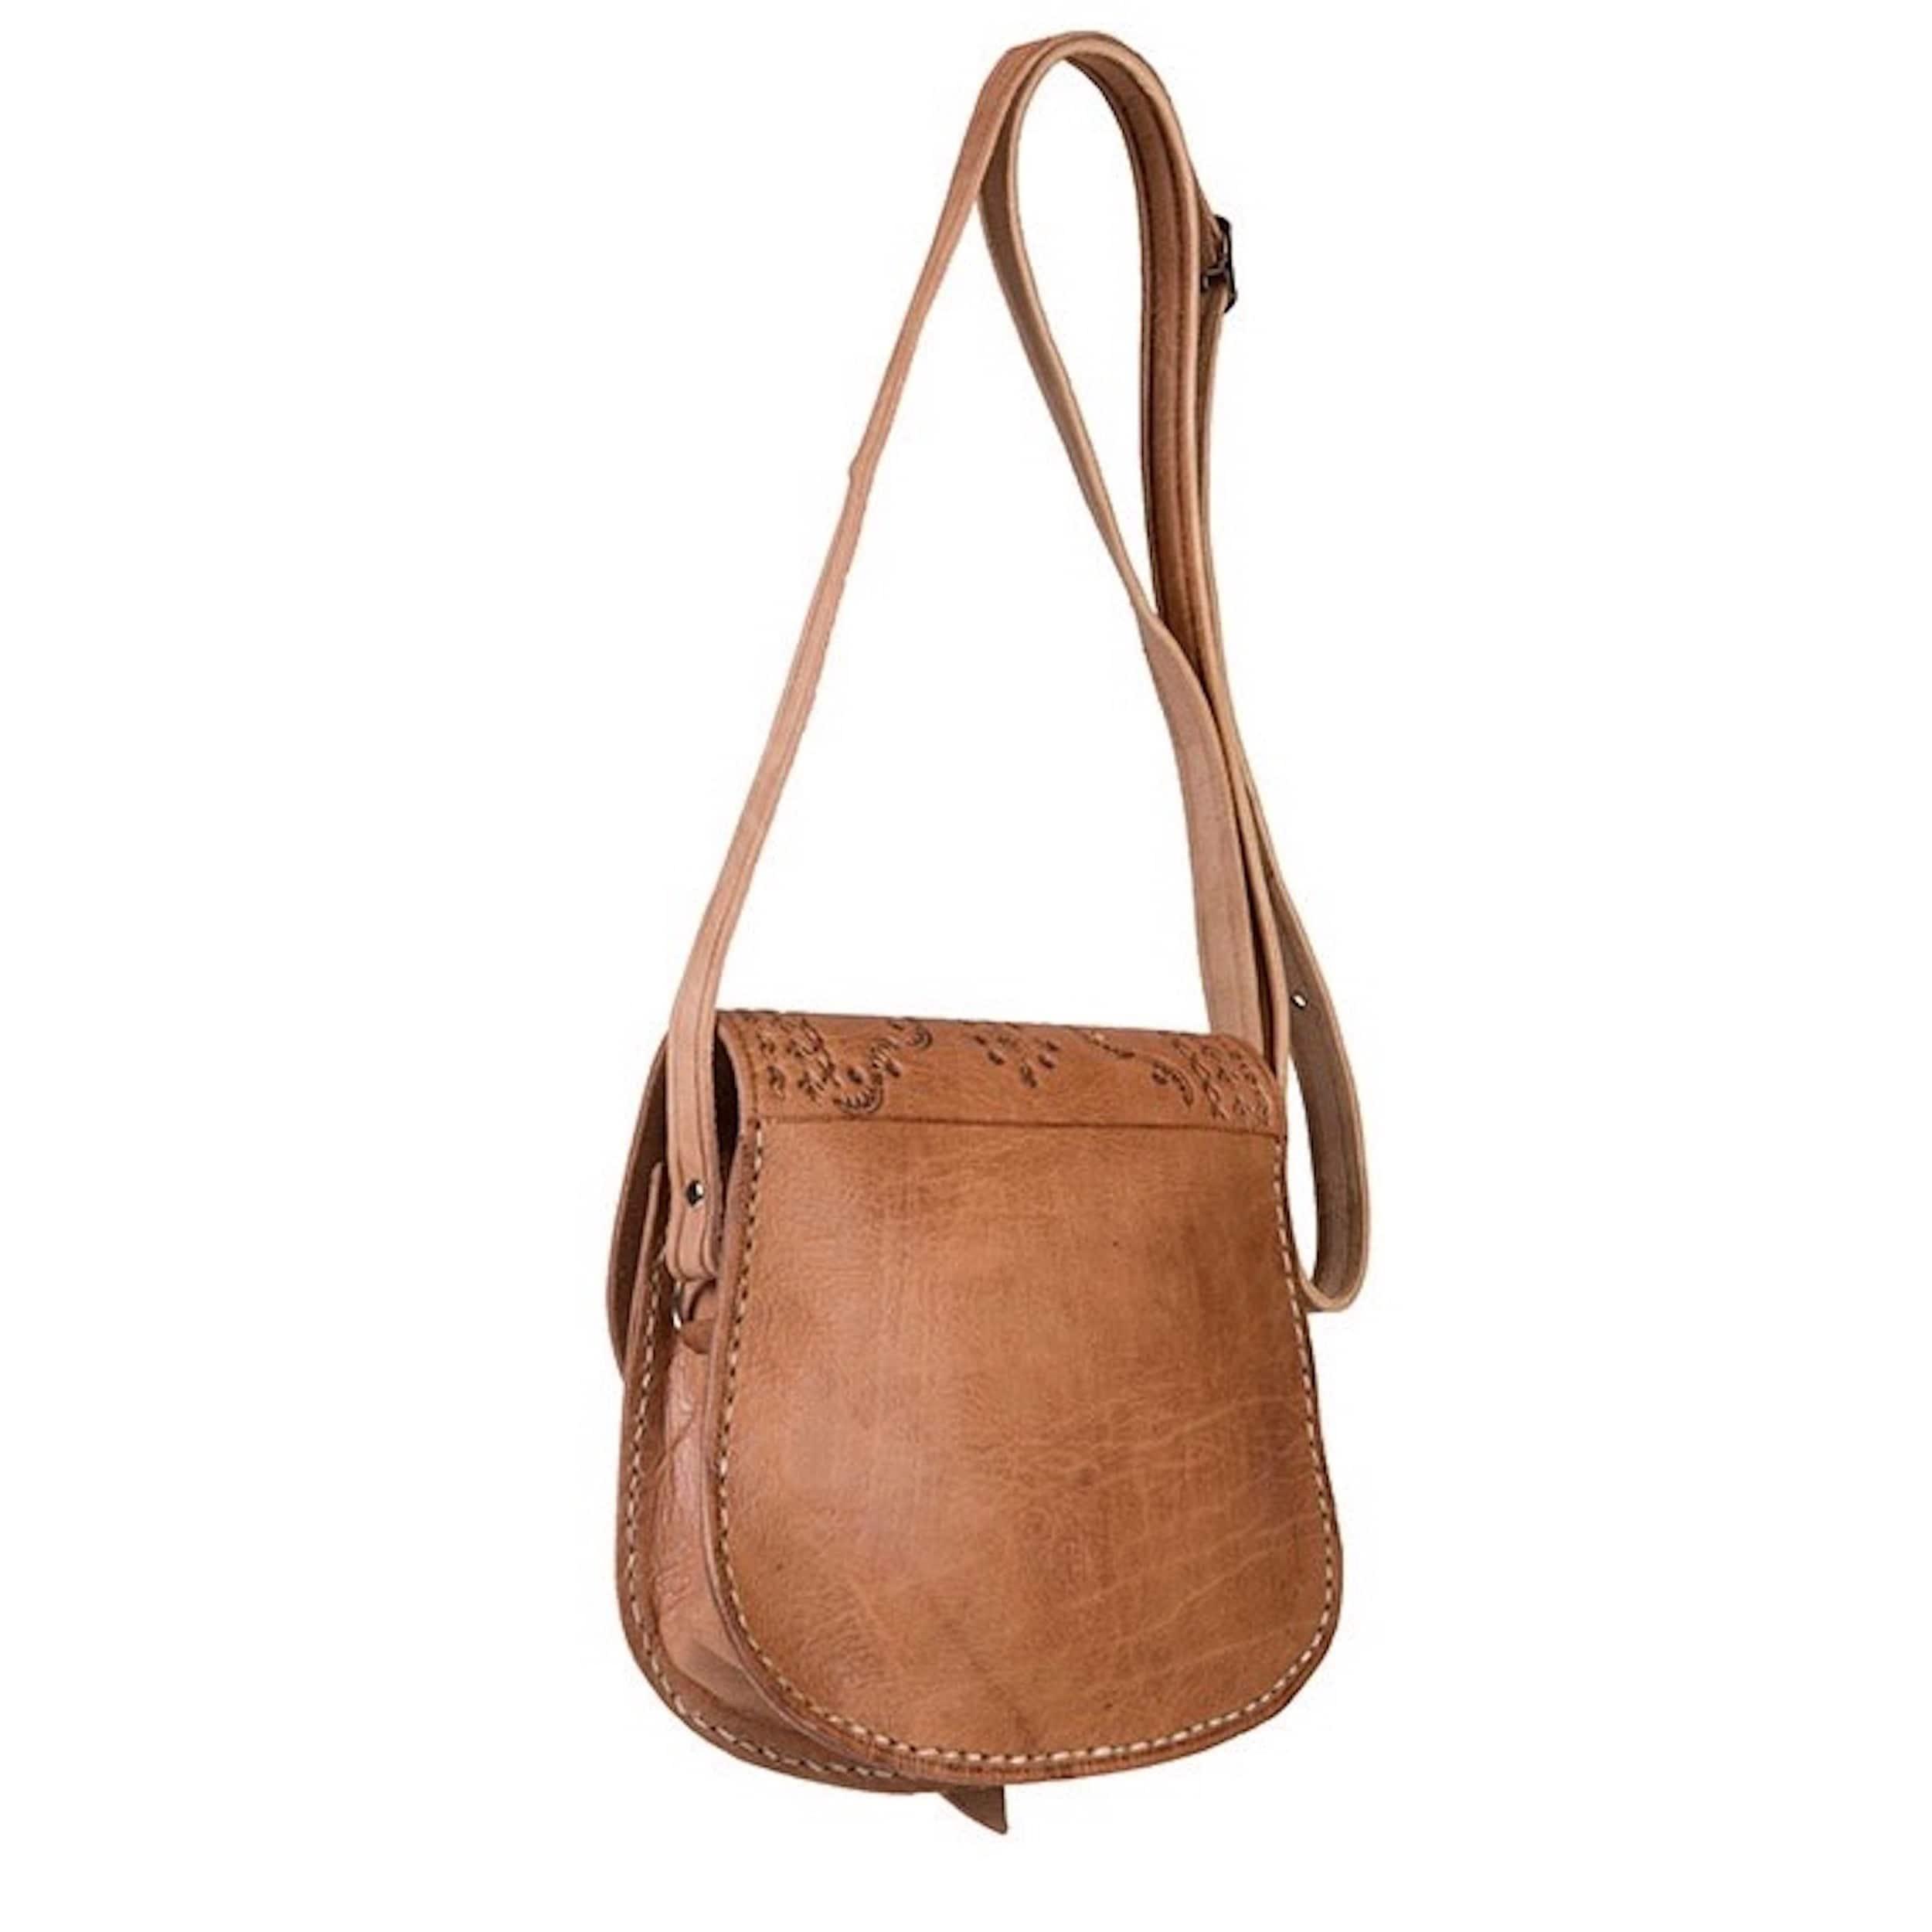 e5d0b2e6da Shop Handmade Zagora Leather Cross-body Bag (Morocco) - On Sale - Free  Shipping Today - Overstock - 8372516